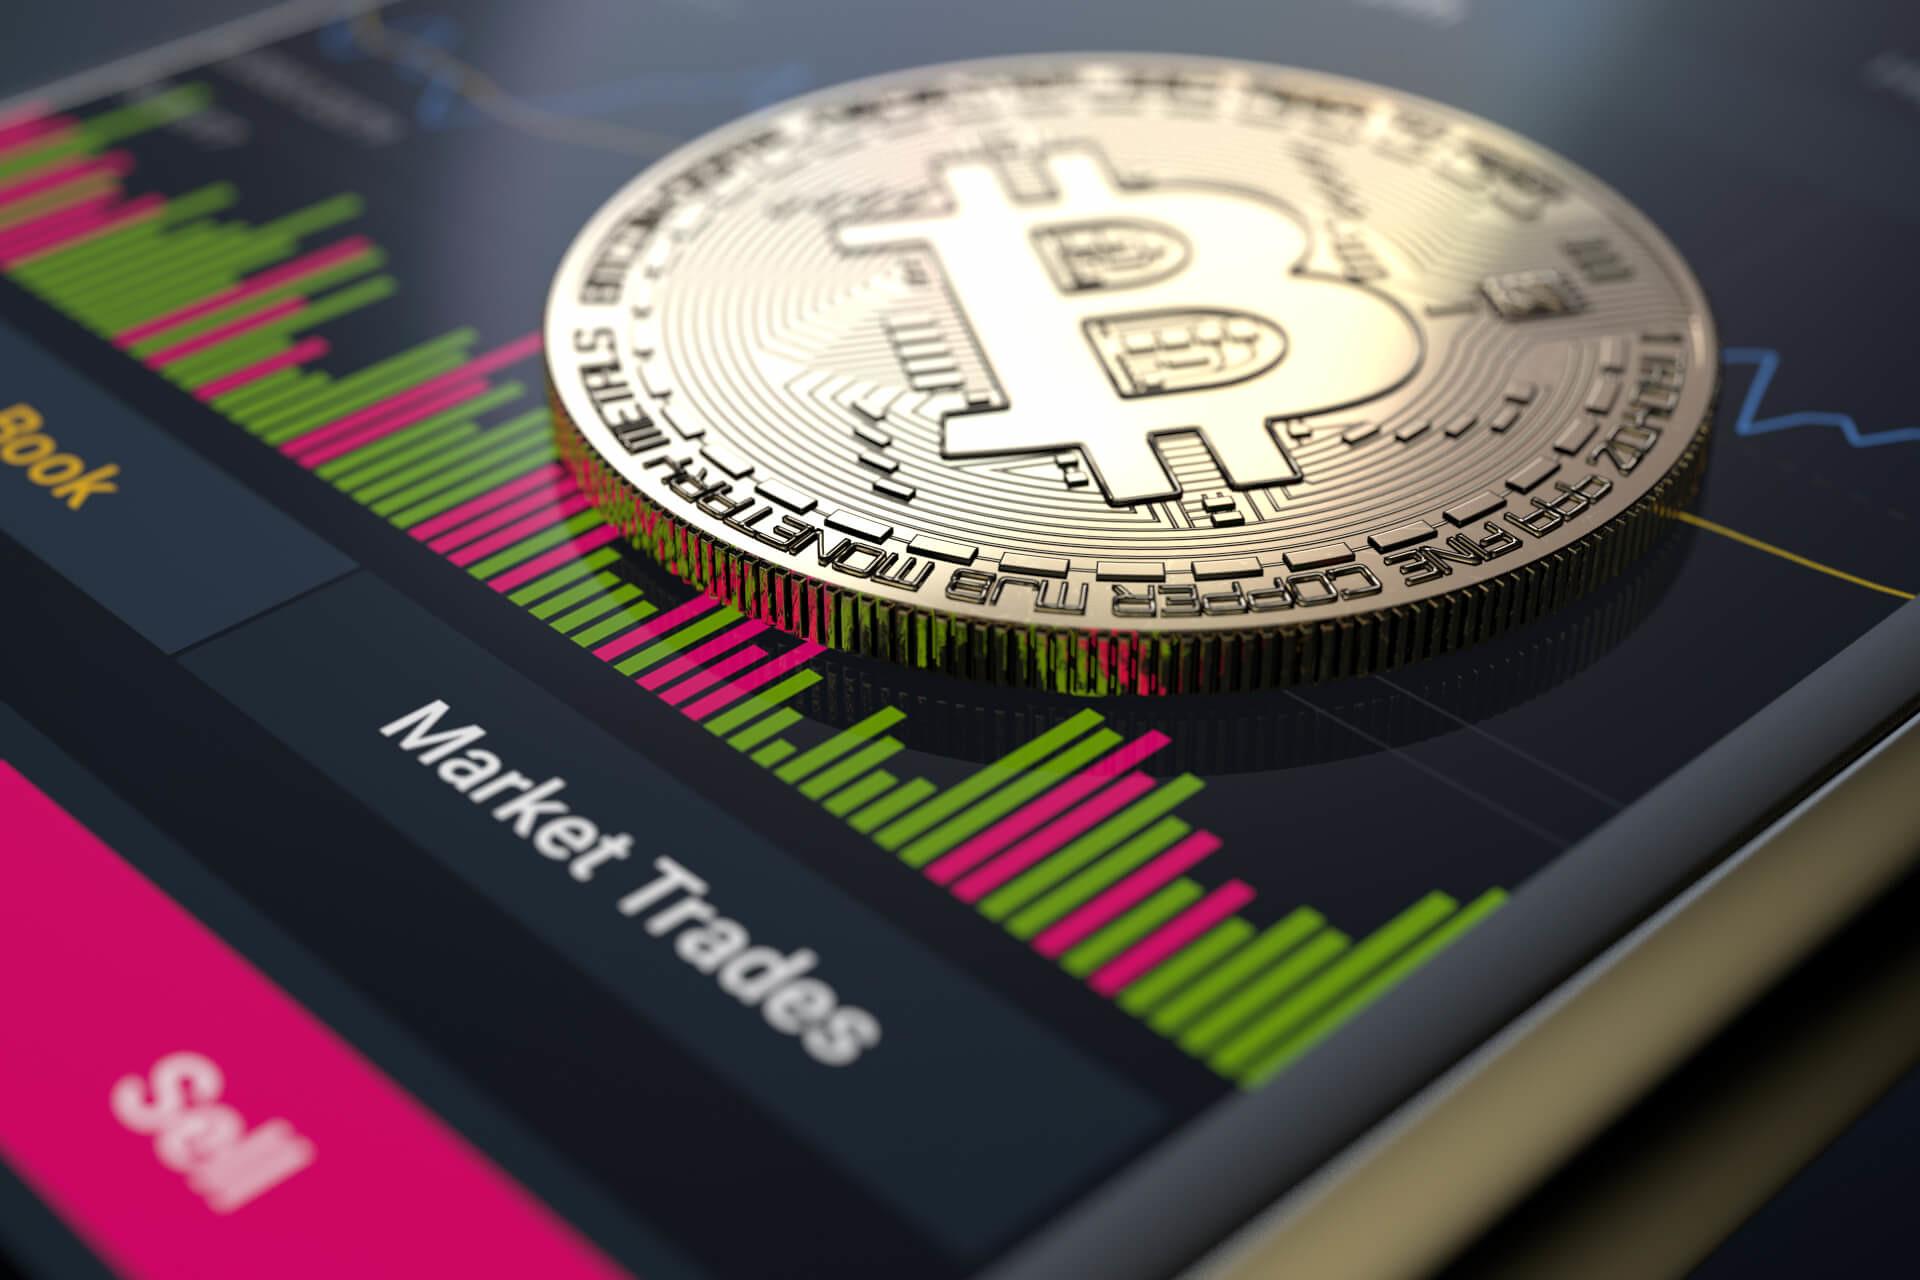 Újabb FED stimulus jöhet, emelkedő pályán a bitcoin és az arany